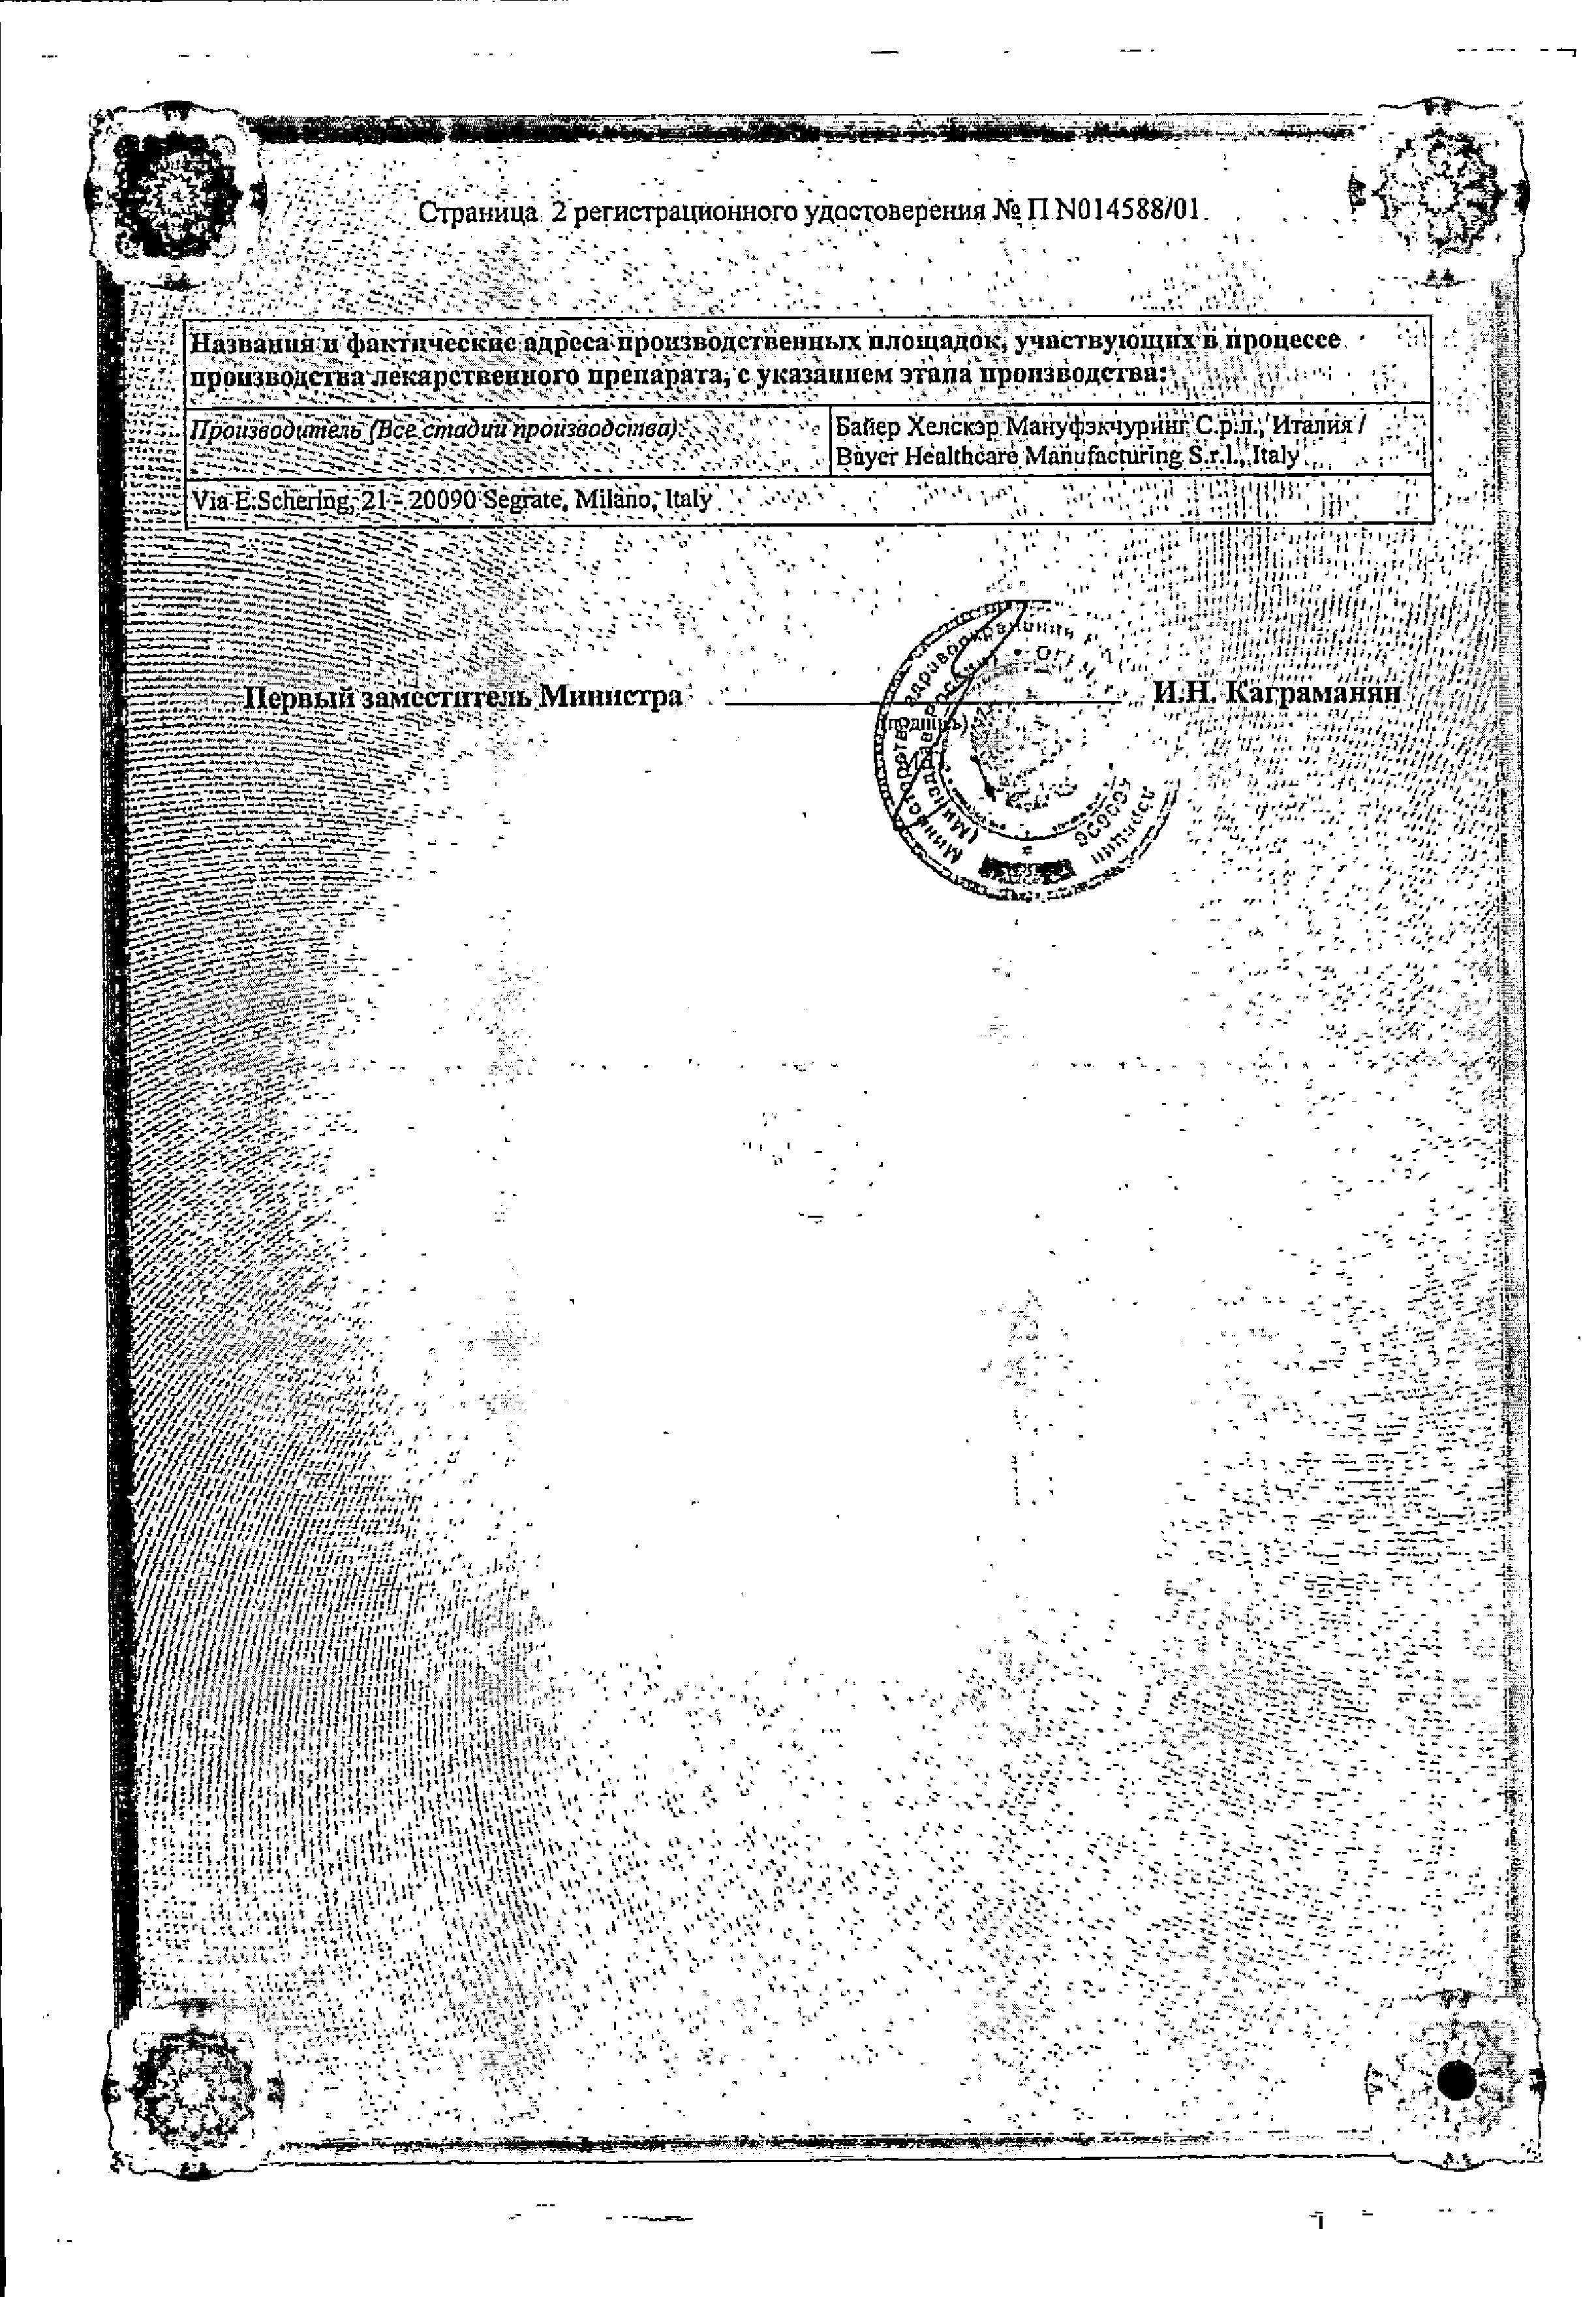 Травокорт сертификат